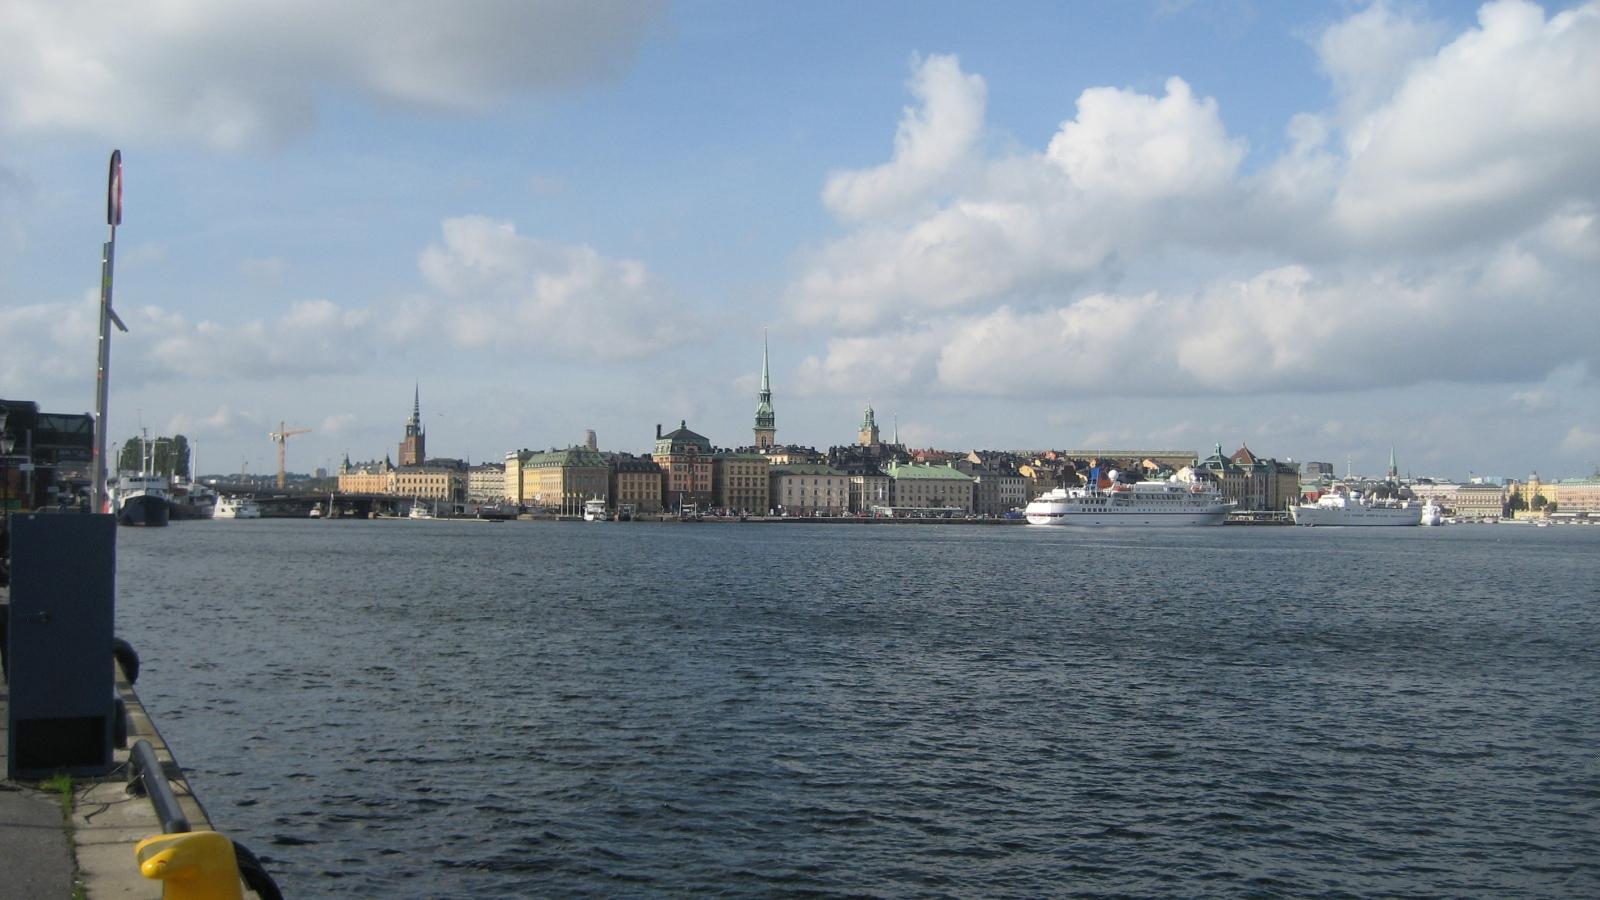 MatoApinan LOiSTava blogi: Viking Line MatoApina risteily tarina, Osa 2: -Tukholma maisemaa